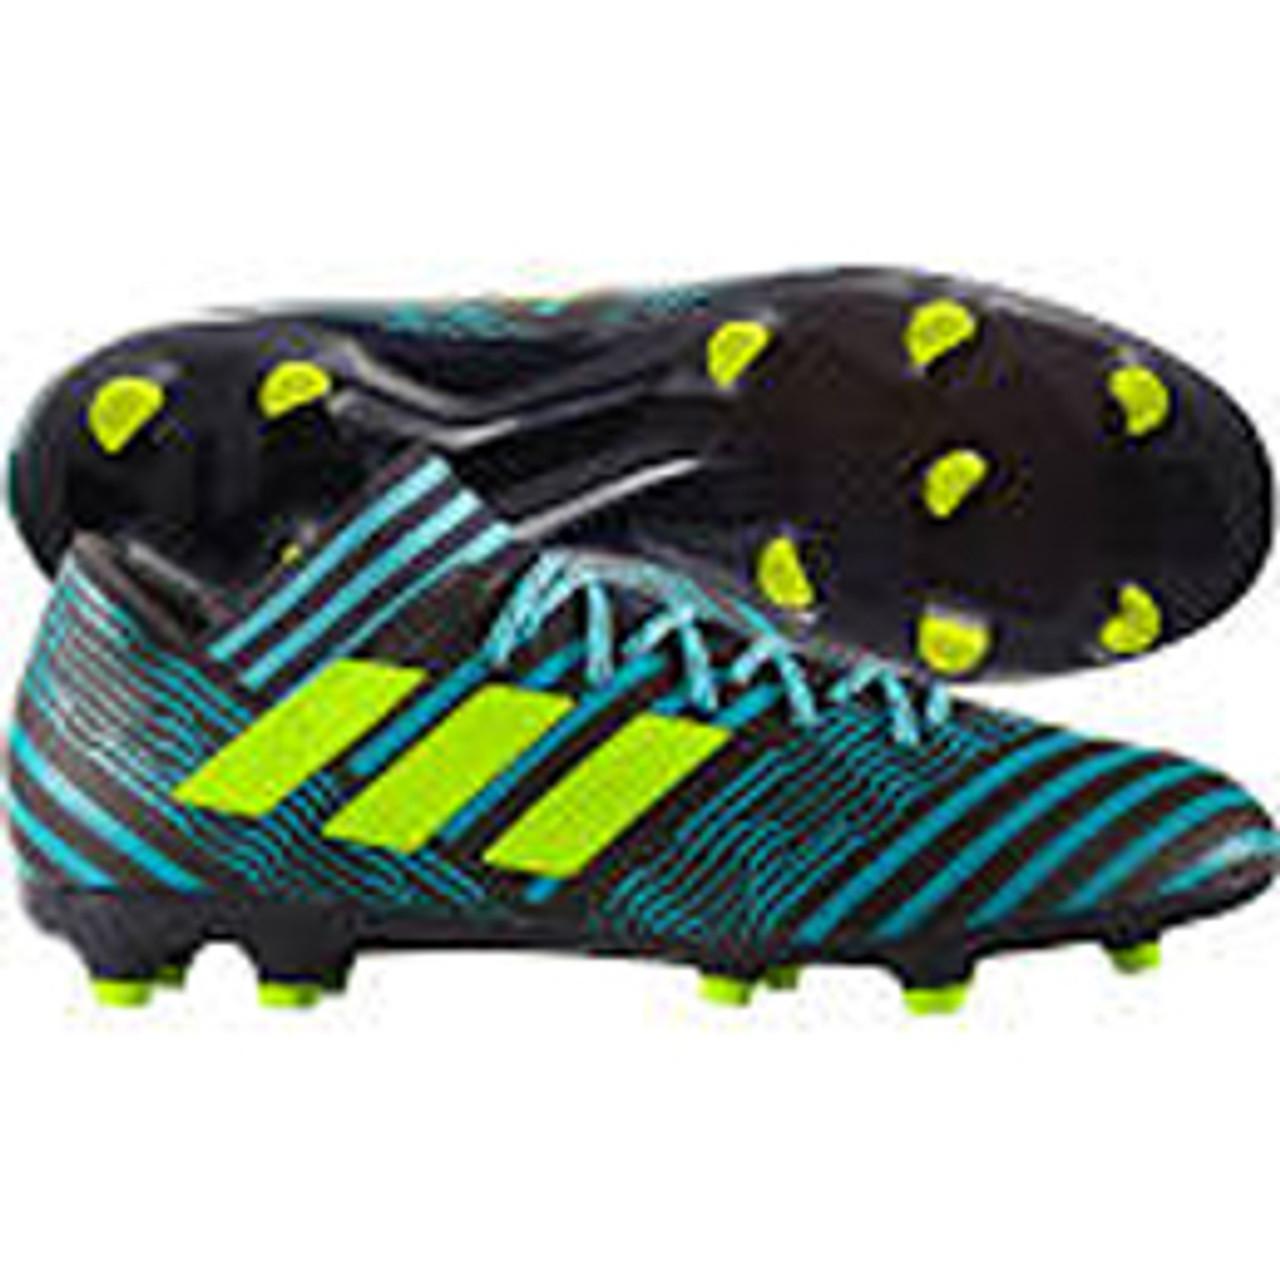 a6c710bb3 ADIDAS NEMEZIZ 17.3 FG legend ink/blue - Soccer Plus